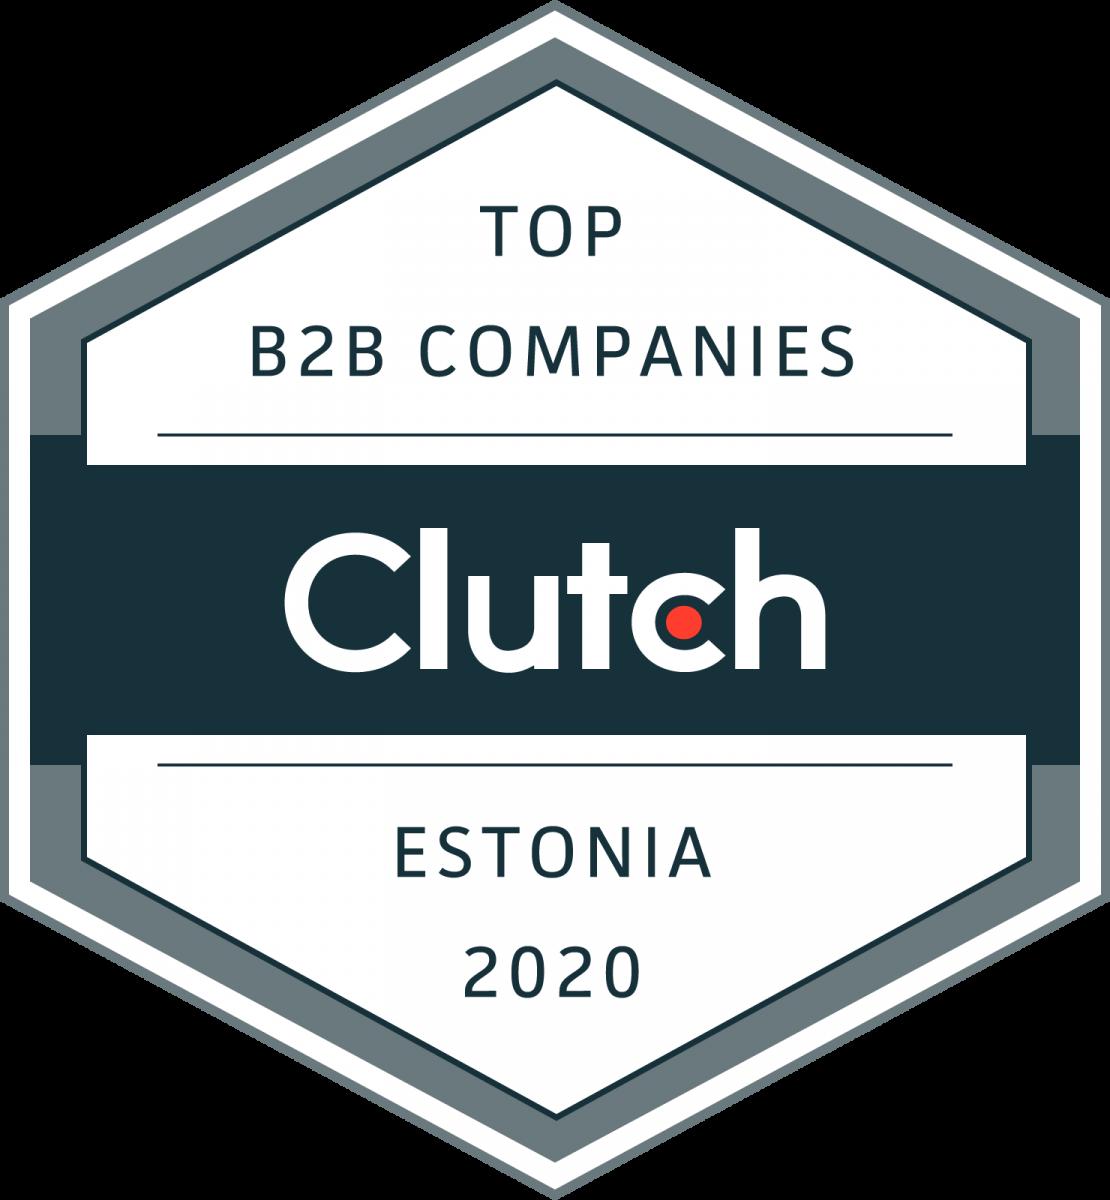 B2B Estonia 2020